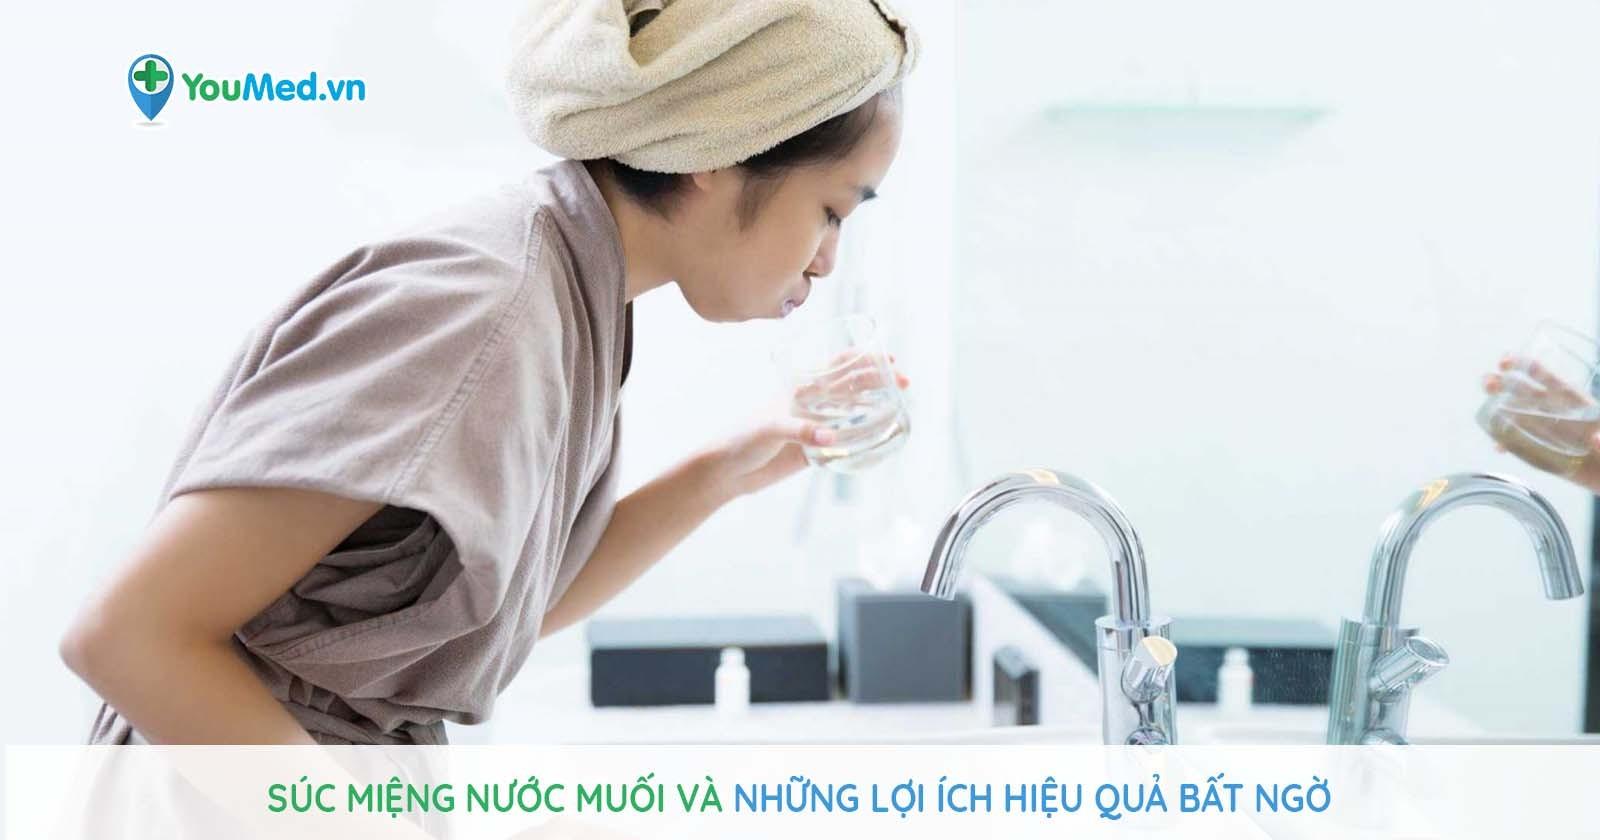 Súc miệng nước muối và những lợi ích hiệu quả bất ngờ